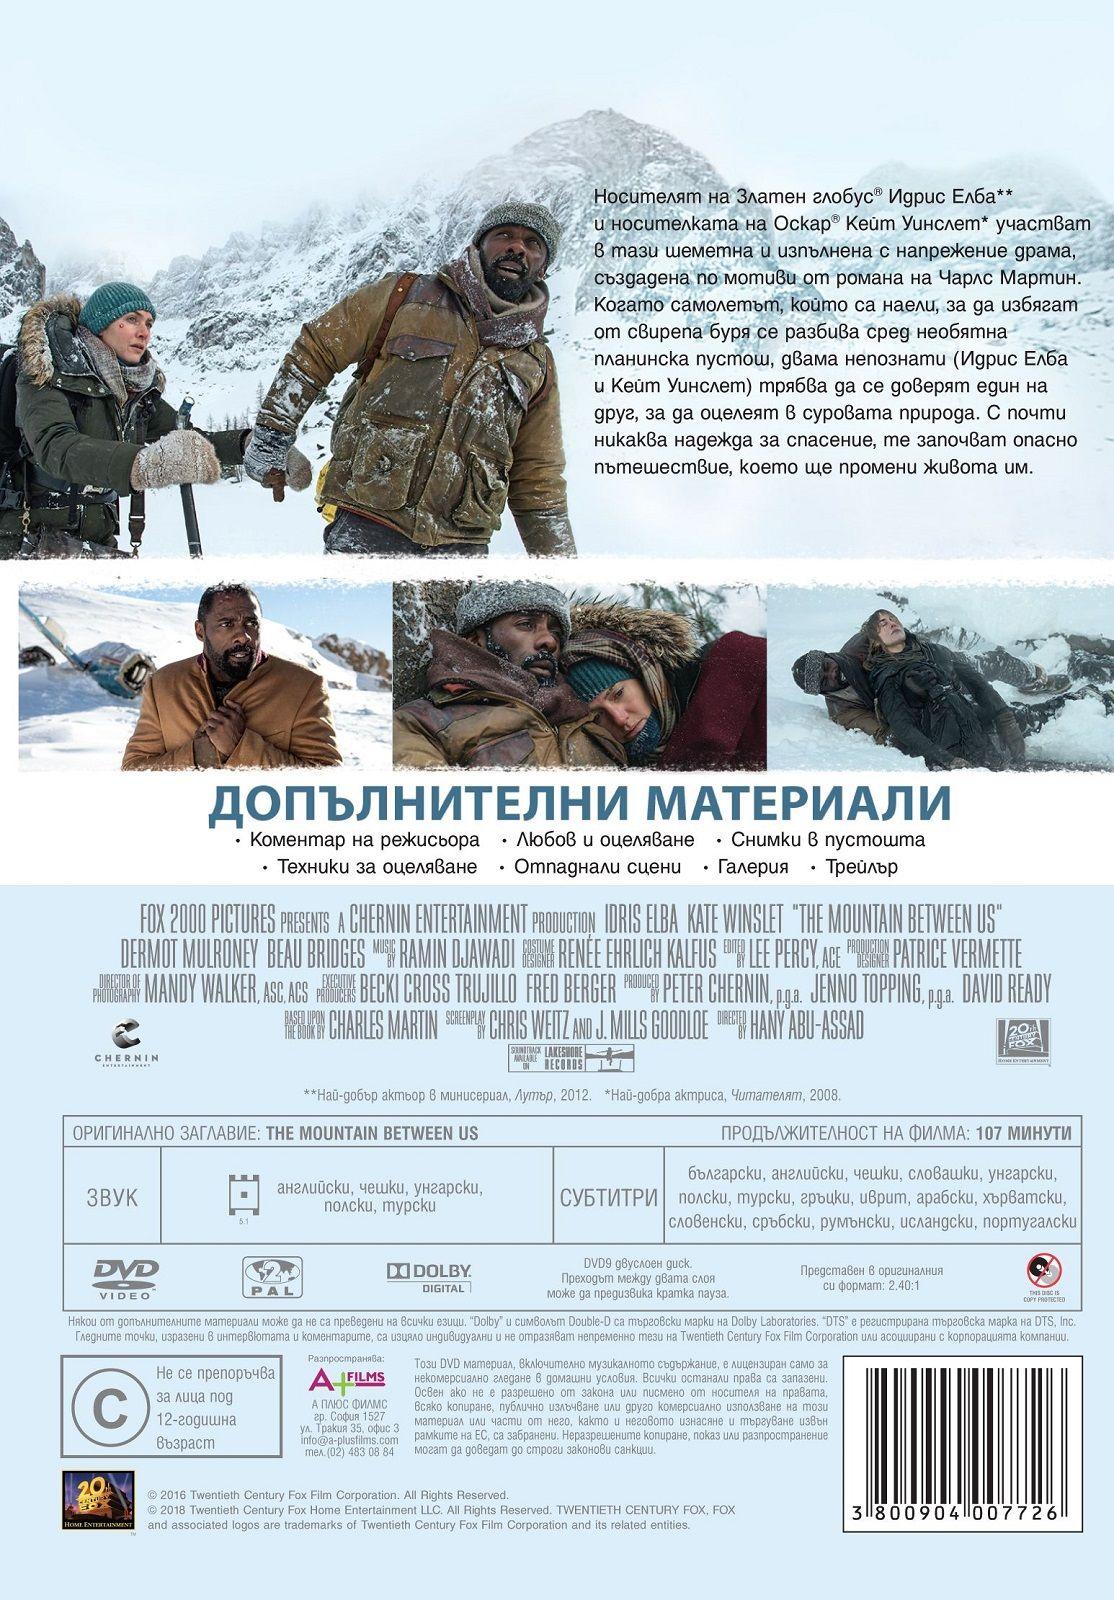 Планината помежду ни (DVD) - 2